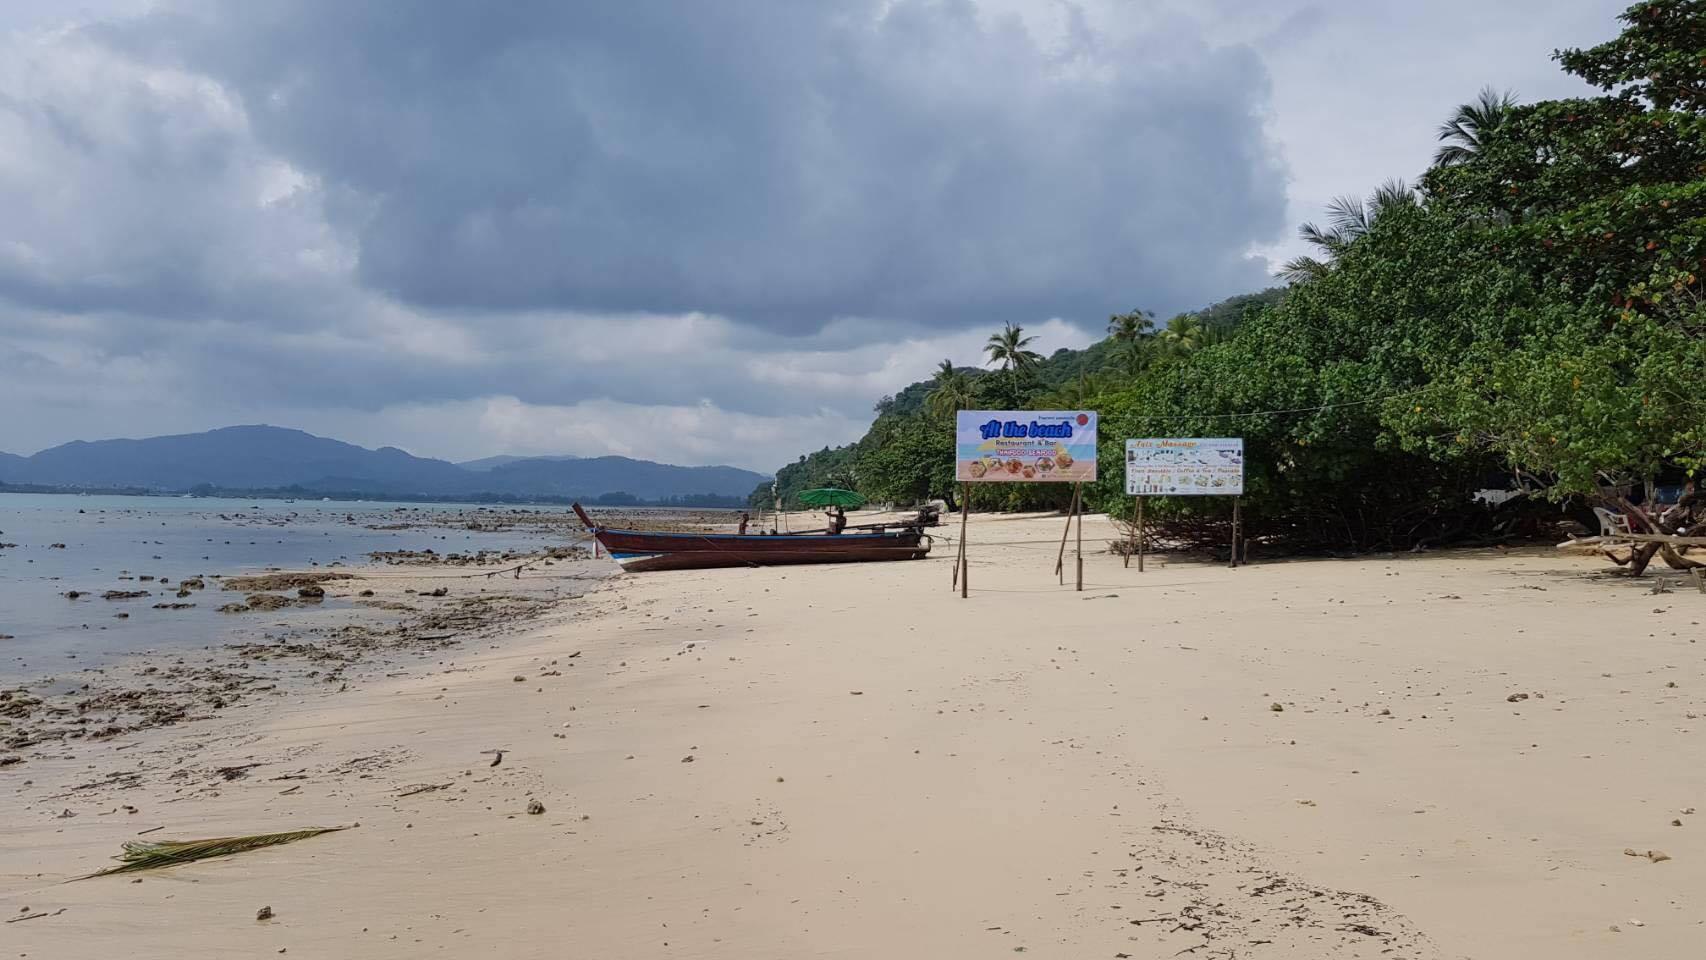 ที่ดิน 19.5 ไร่ ติดชายหาด เขาขาด ภูเก็ต Land 19